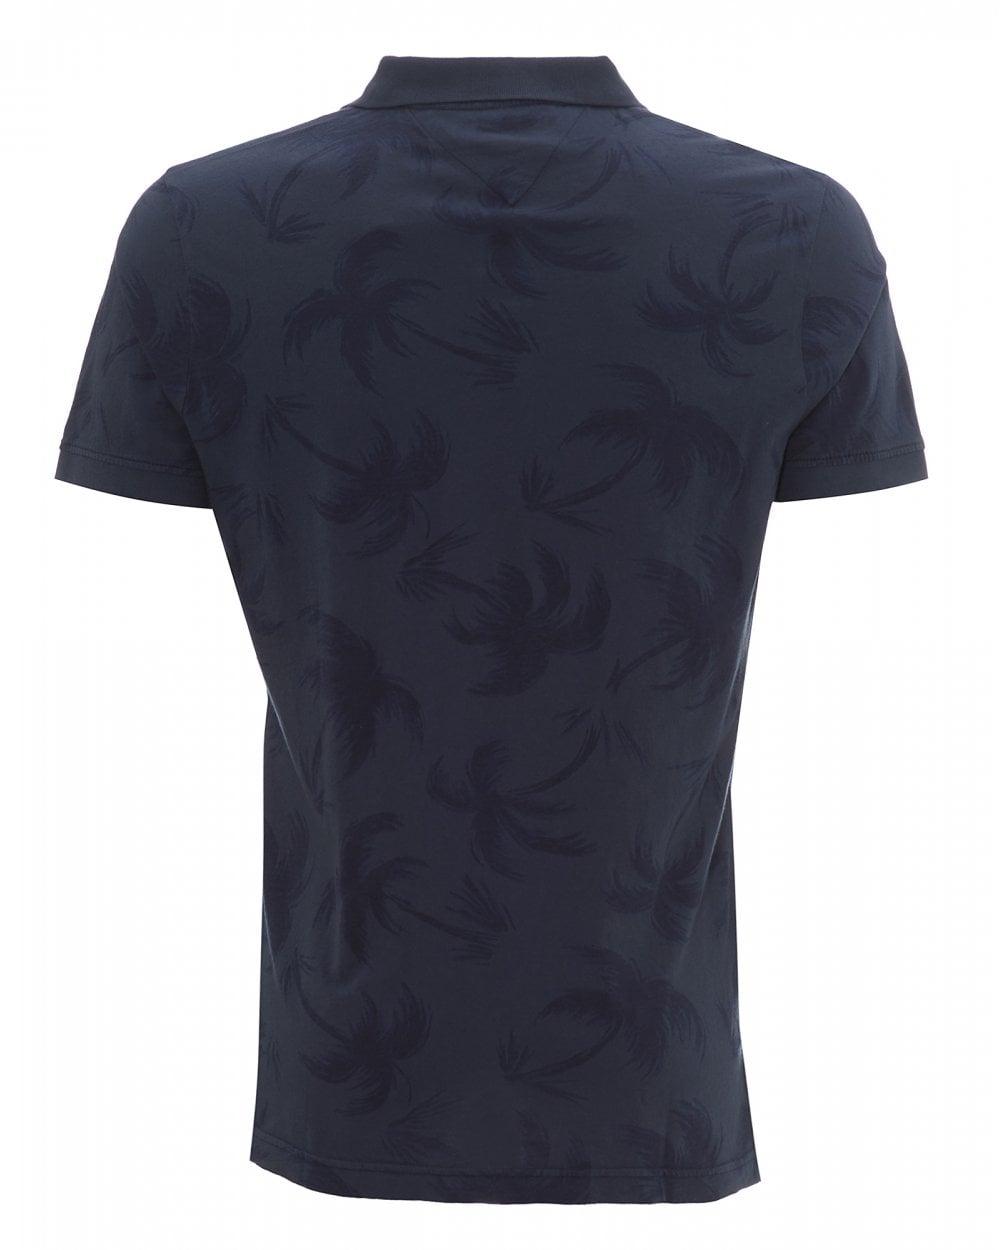 b6f3fee2 Tommy Hilfiger Mens Tropical Palm Print Slim Fit Polo Shirt